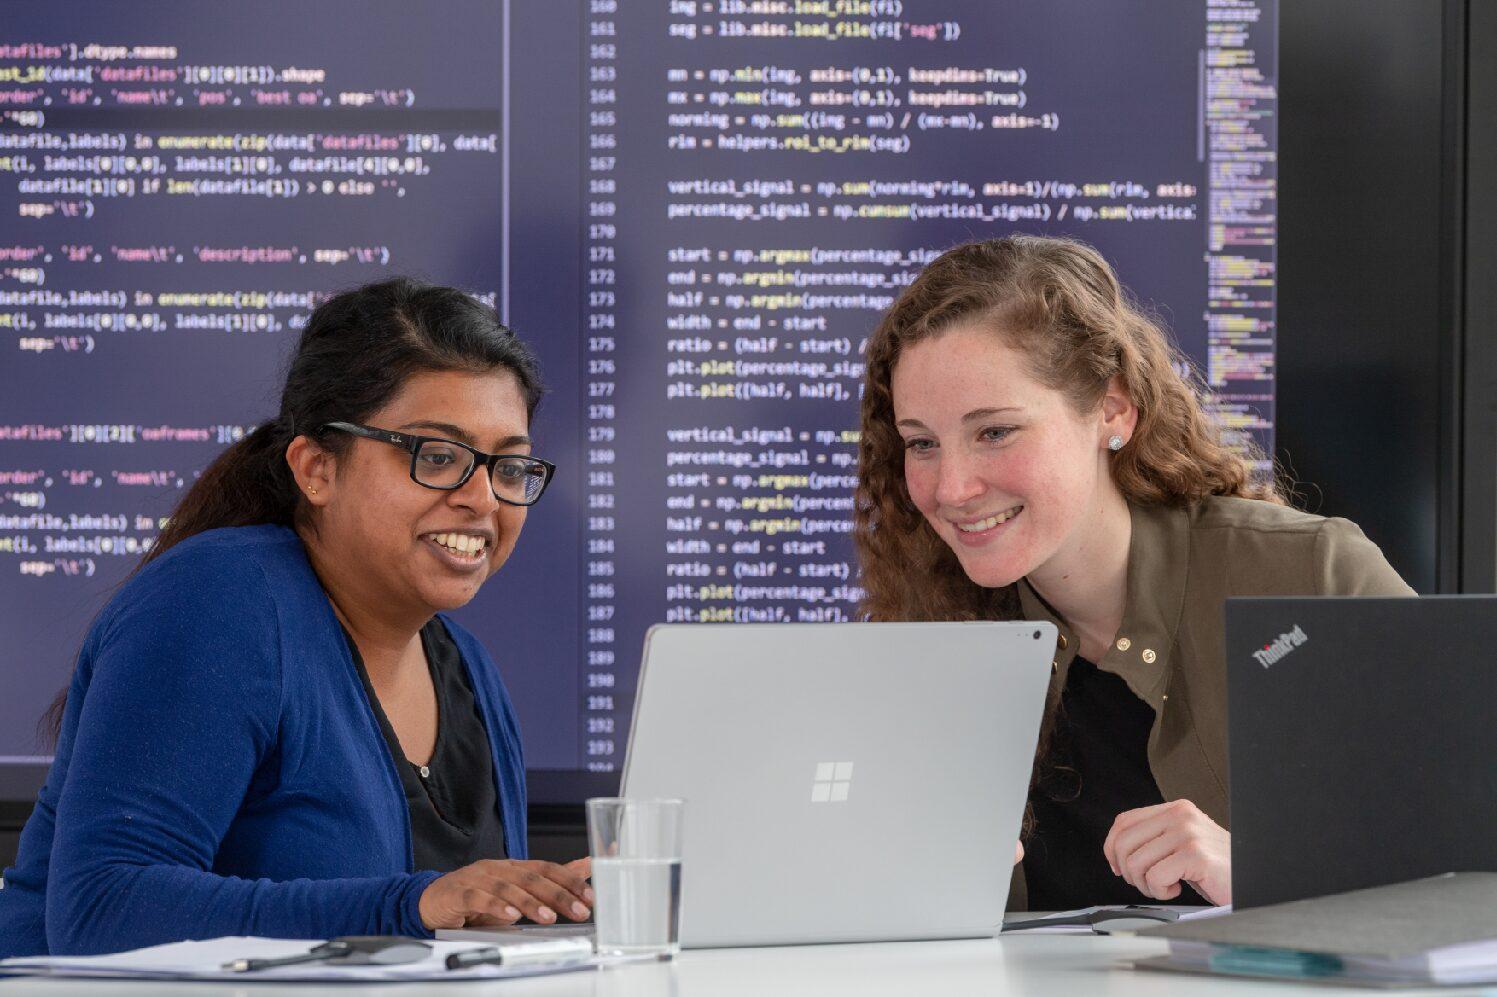 Mentoring-Programm für Studentinnen im Maschinenwesen